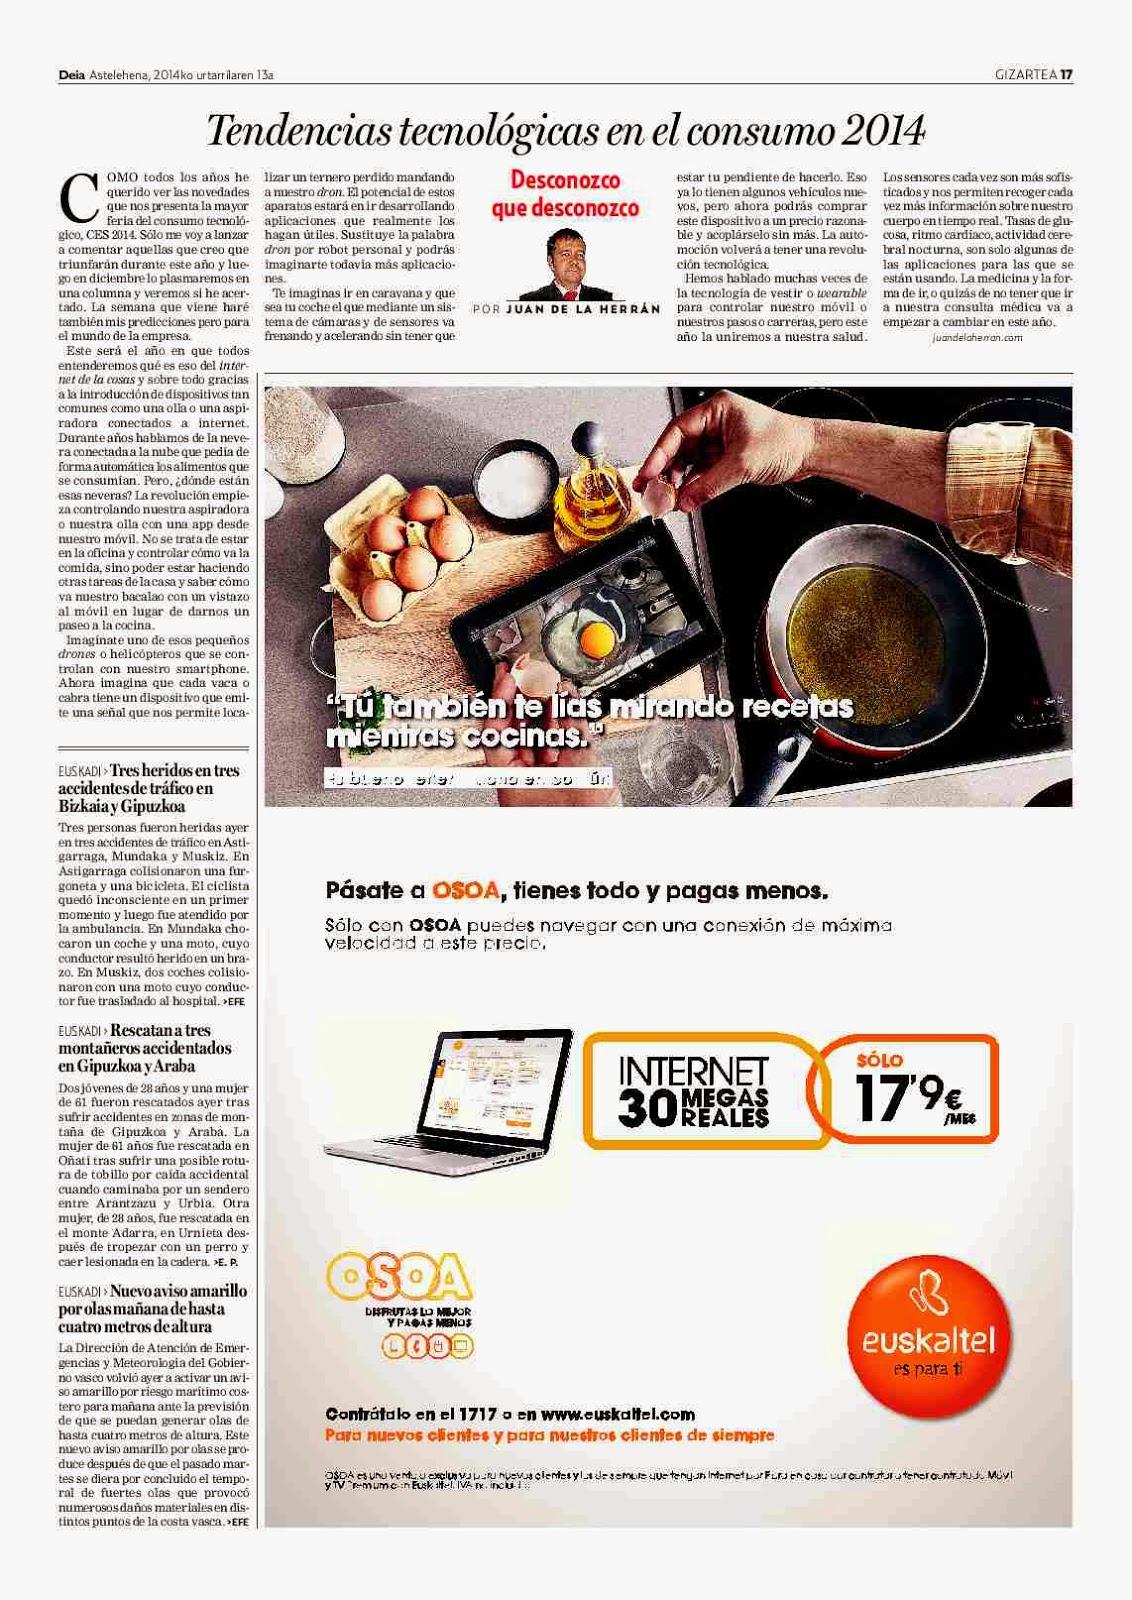 Tendencias tecnológicas en el consumo 2014